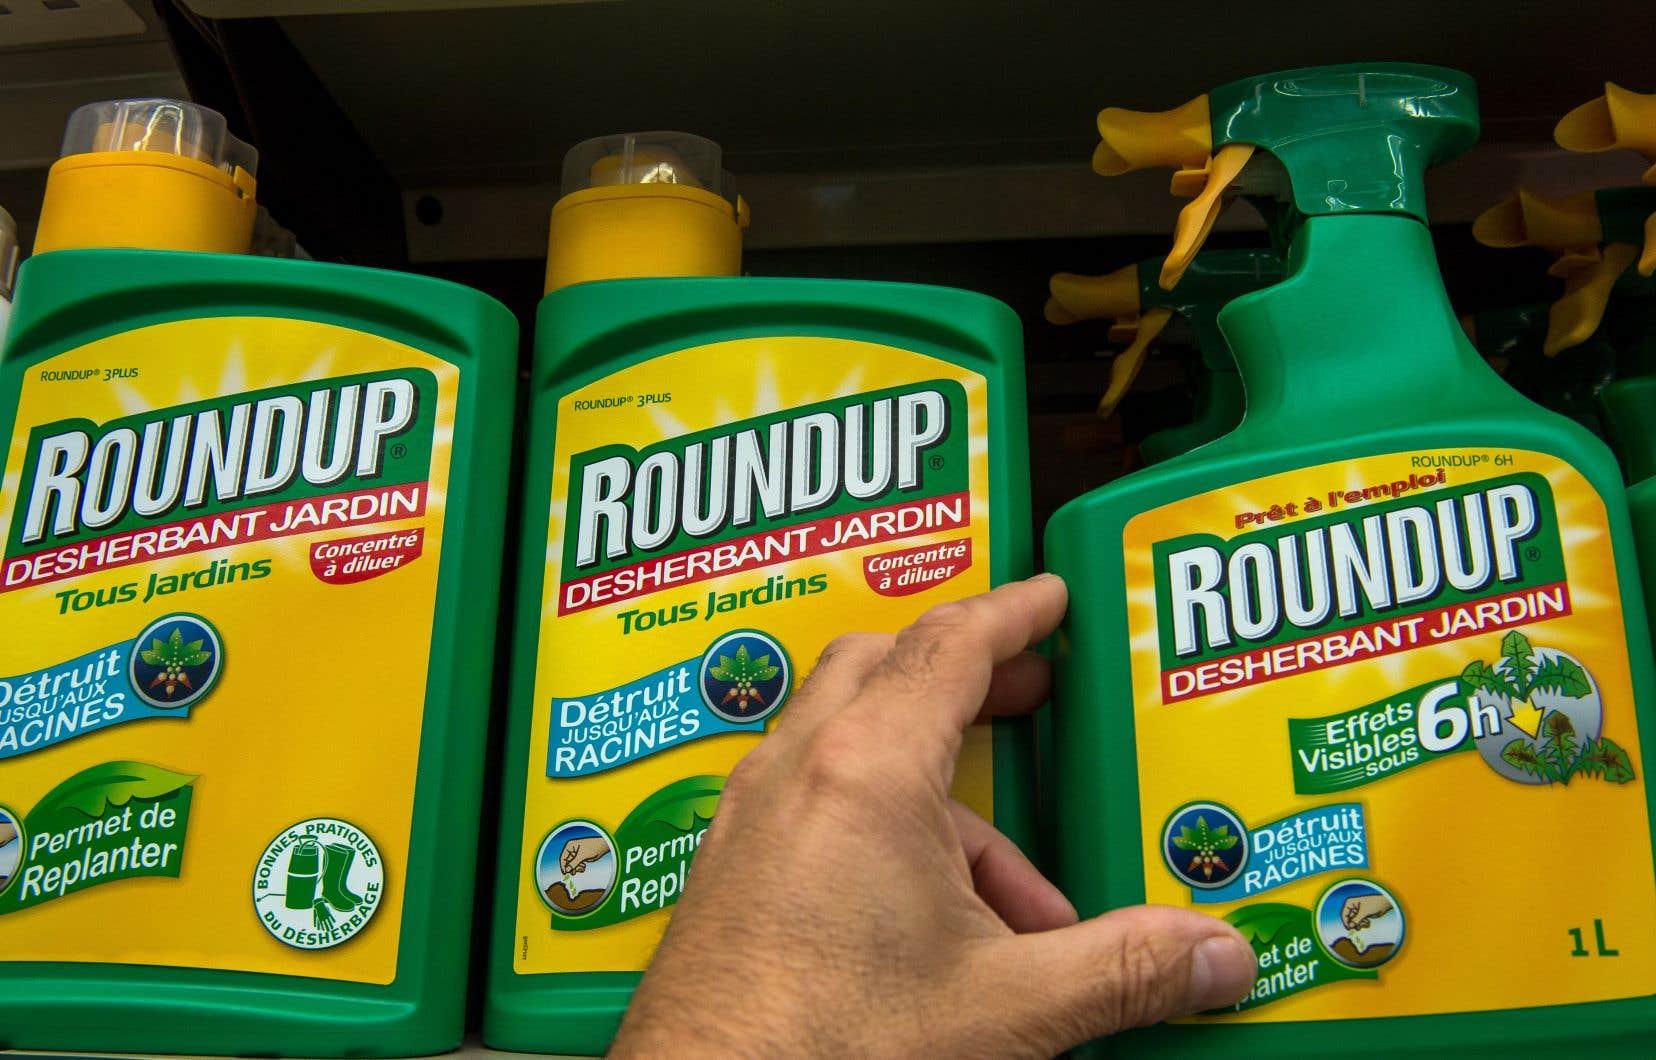 Des études indépendantes ont mis en évidence la toxicité du glyphosate, le principe actif du Roundup, ce produit phare de la firme Monsanto en cause dans des cas de fausses couches, de malformations congénitales, de cancers,etc.